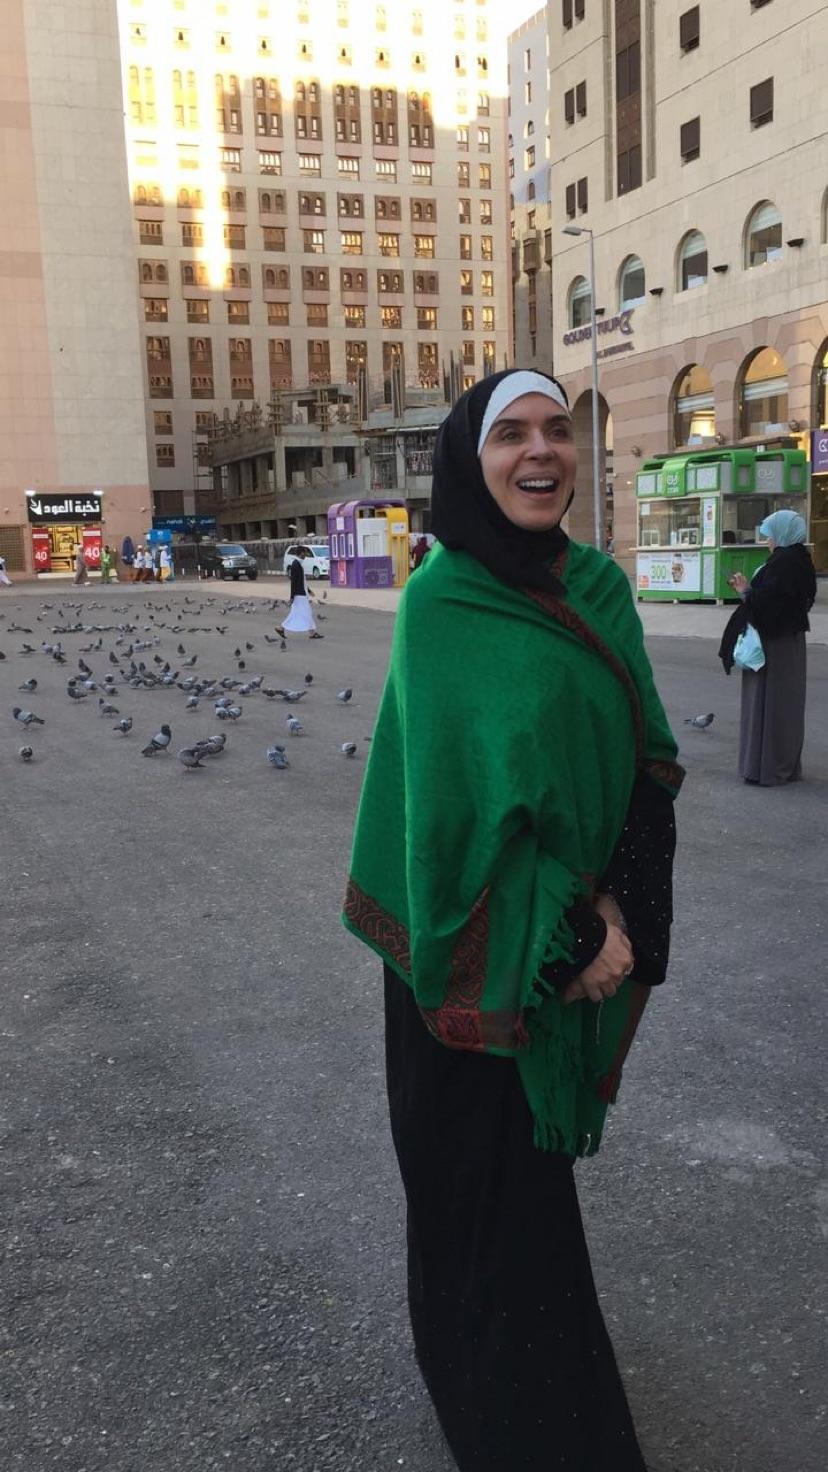 الفنانة دينا ترتدى شال أخضر خلال تواجدها فى مكة لأداء العمرة